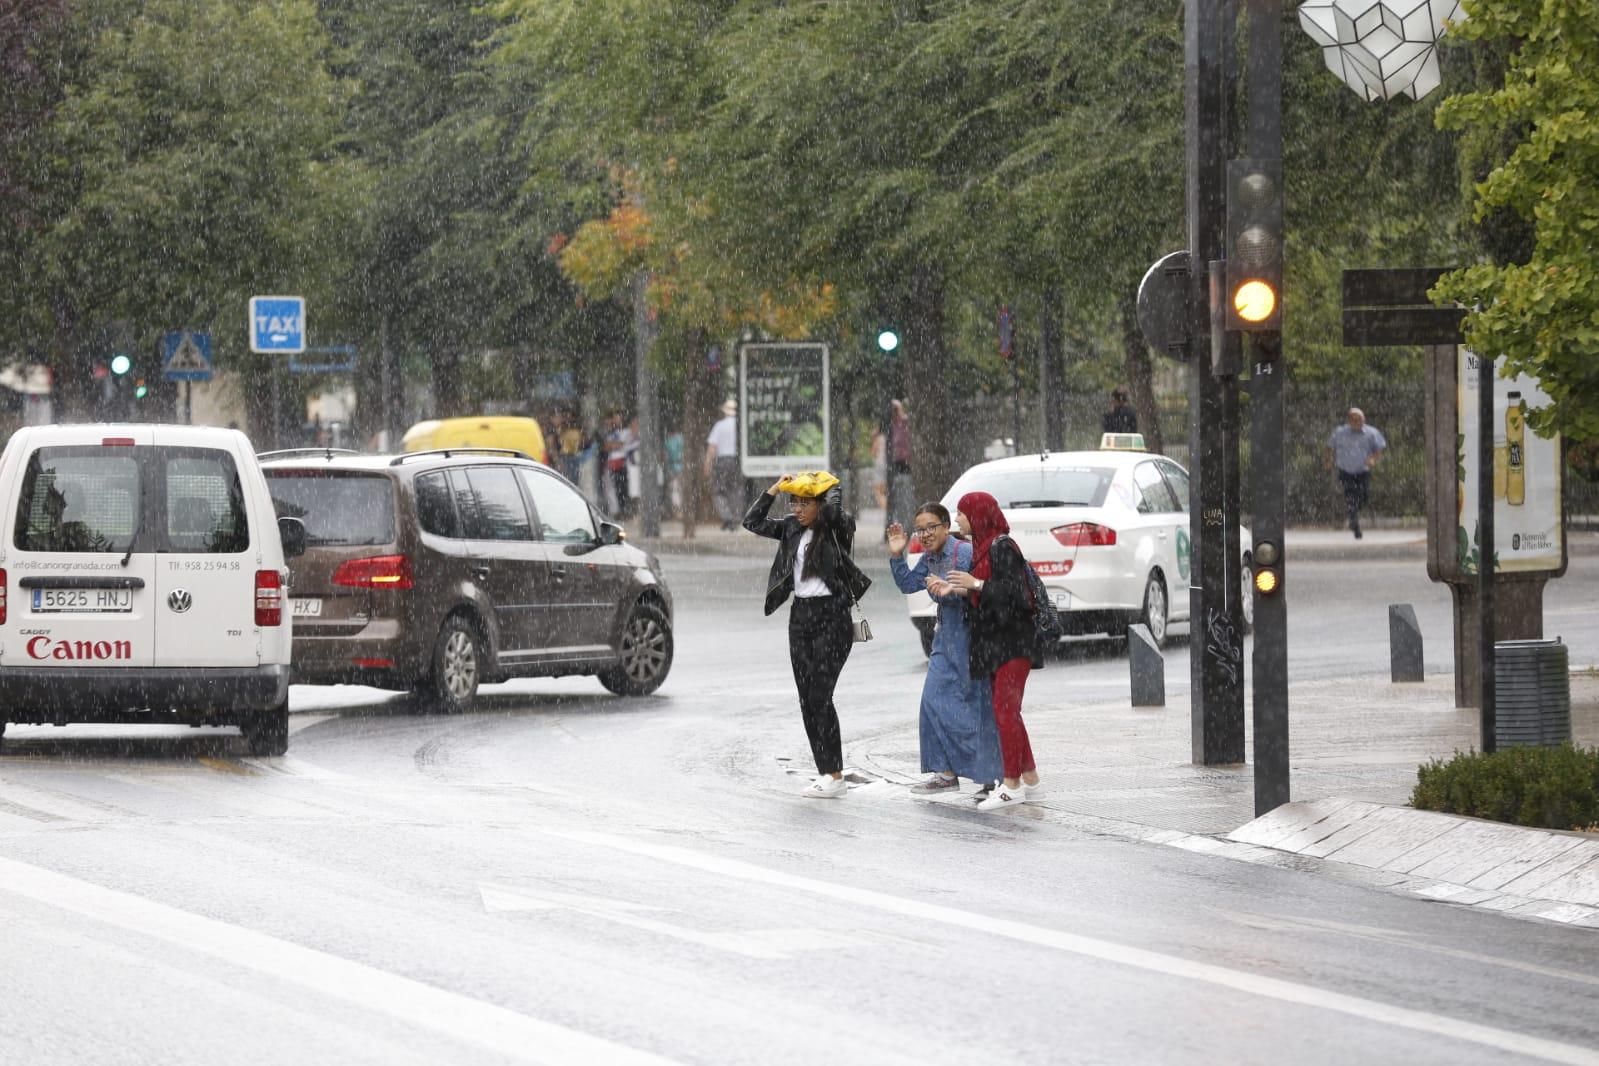 Un 'diluvio' de un par de minutos sobre Granada